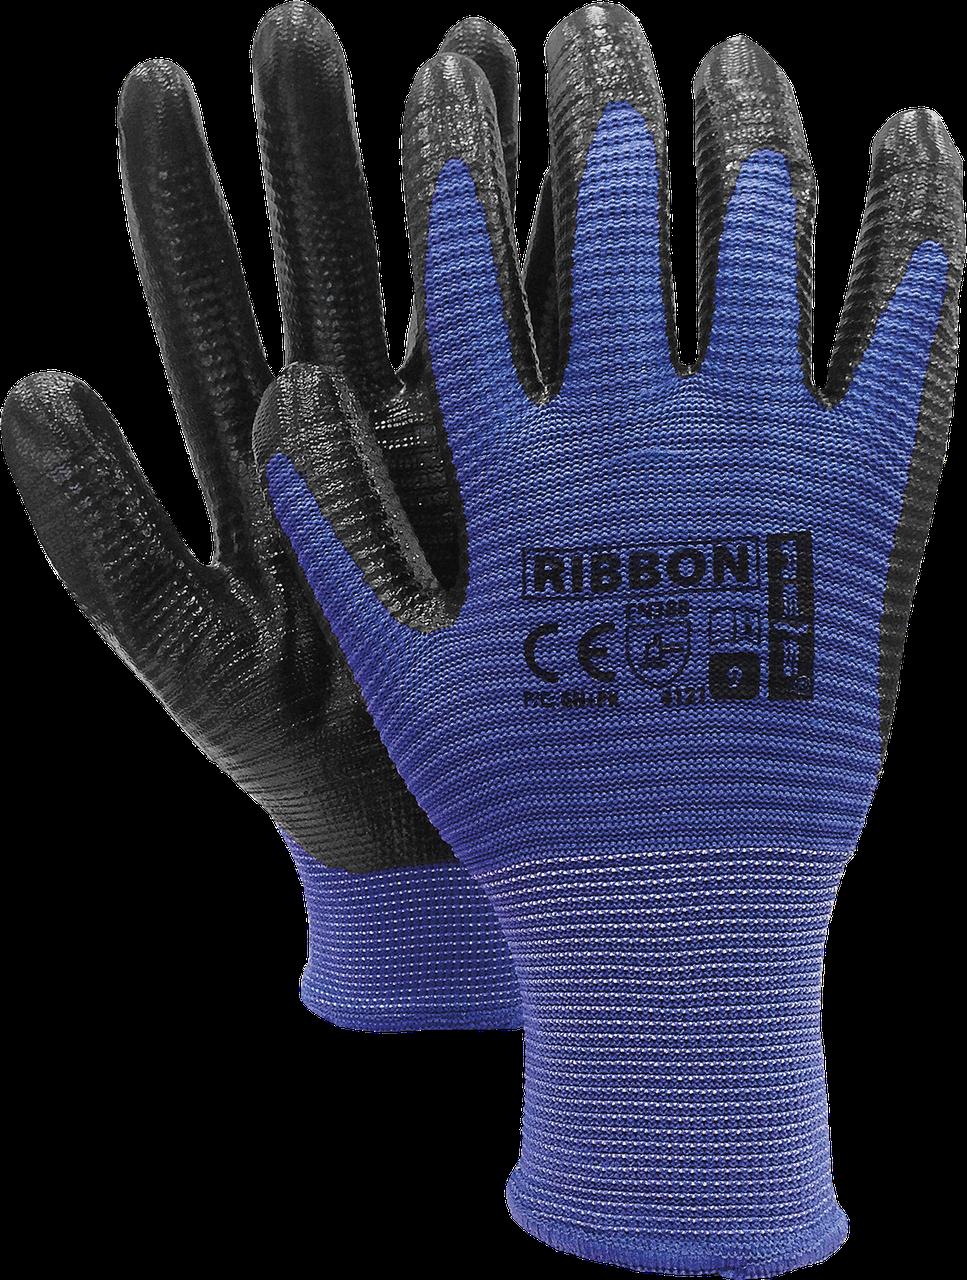 Защитные перчатки RIBBON NB из полиэстера, с покрытием из нитрилом, черно-синий цвет. REIS Польша